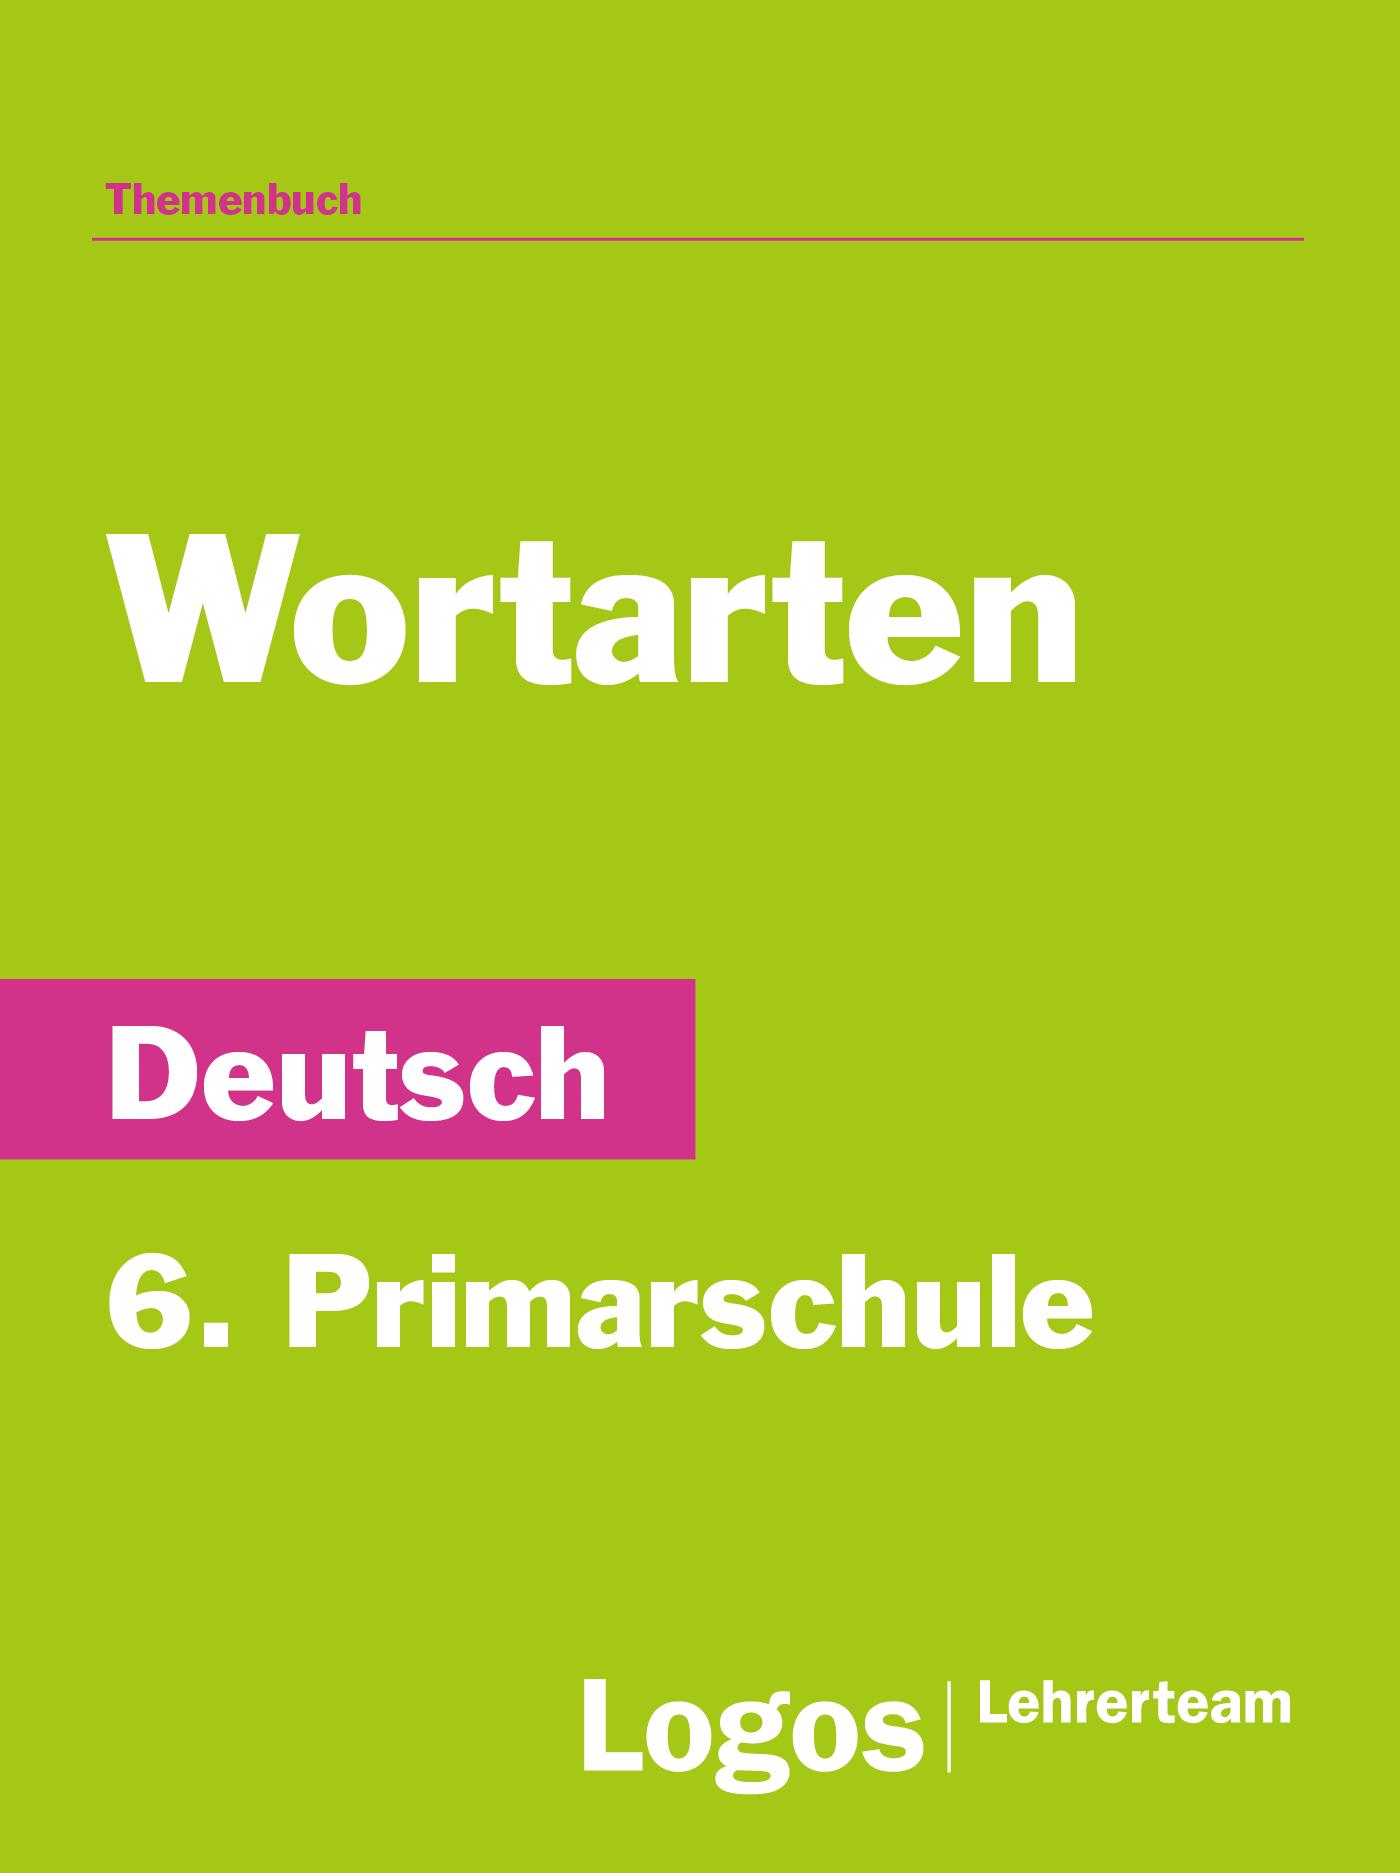 Wortarten - 6. Primarschule